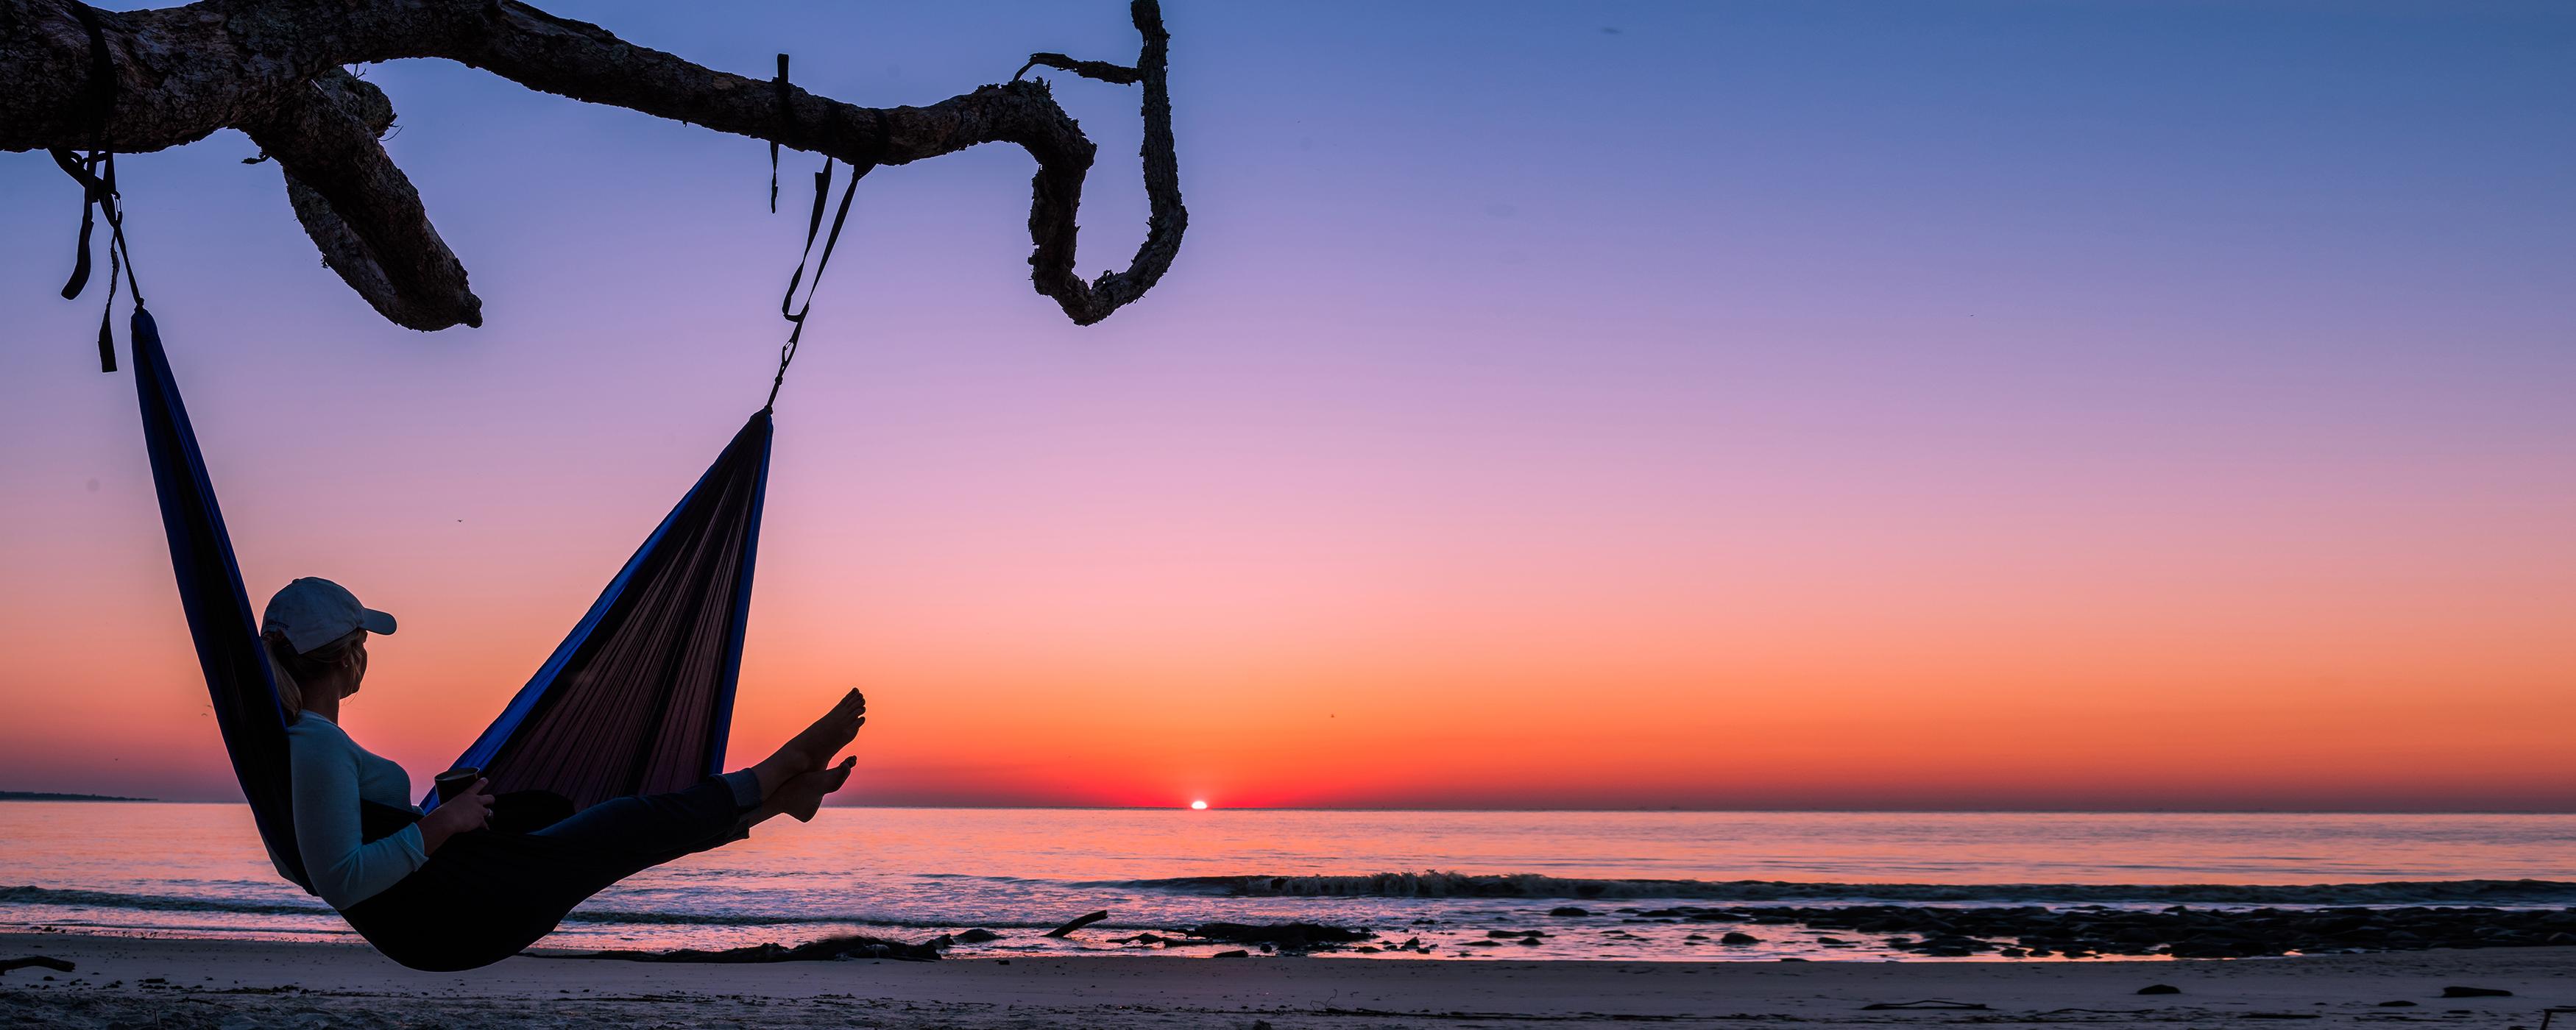 golden isles beaches driftwood beach east beach 7 mile beach